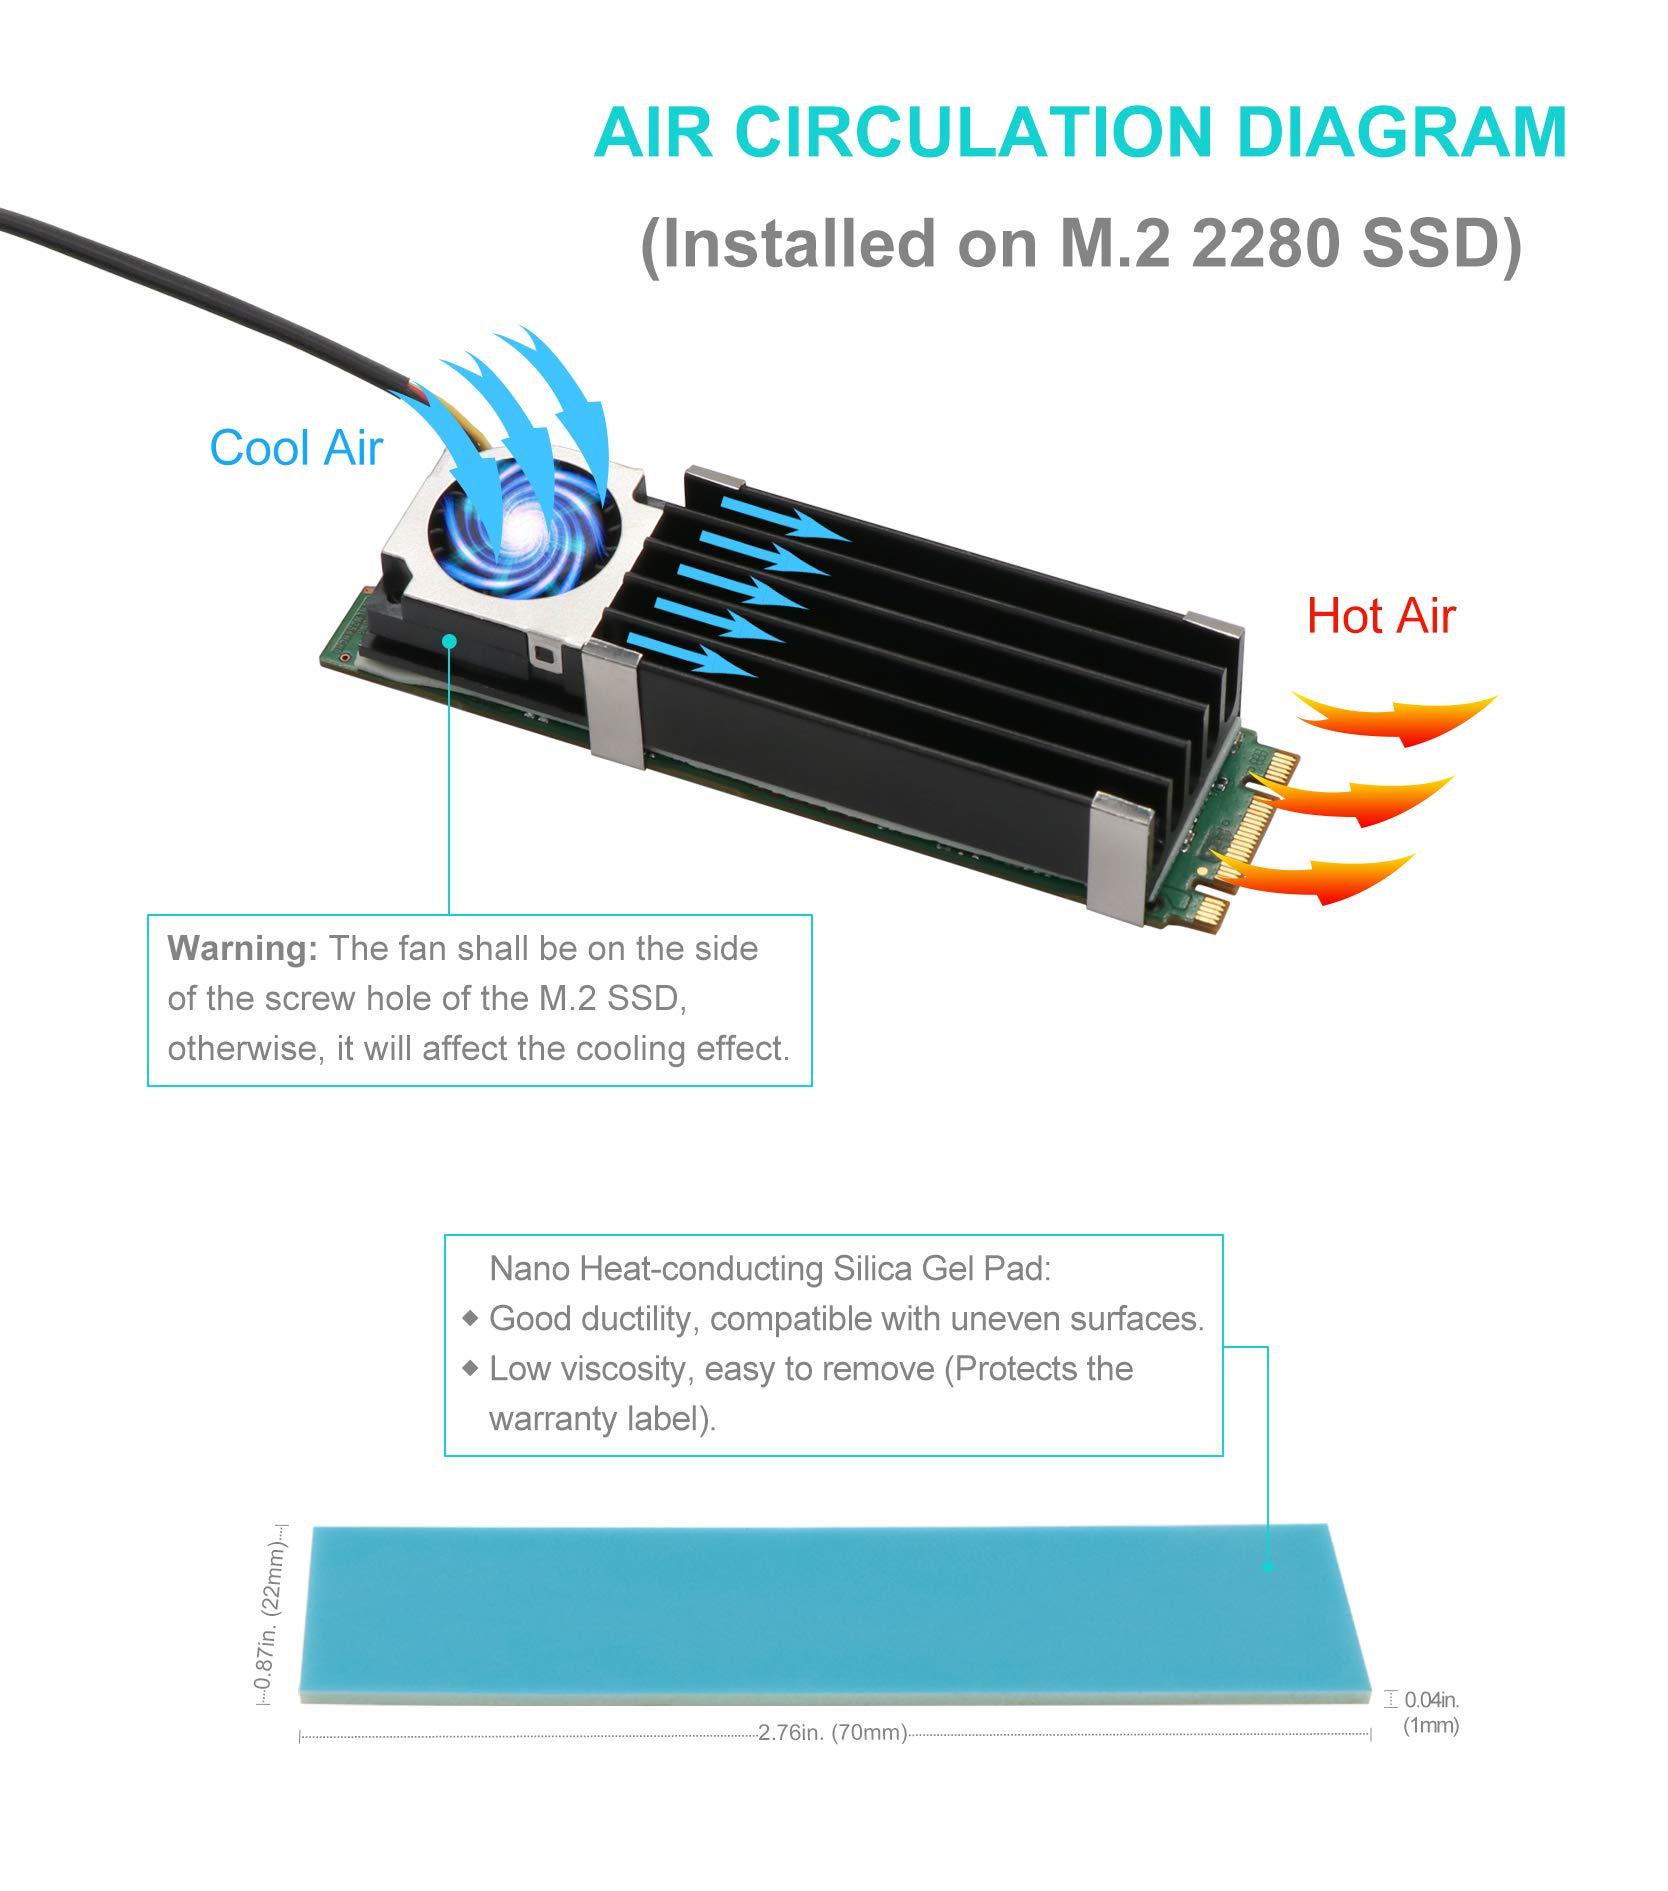 Advancing Gene NVMe M.2 SSD Cooler Heatsinks with 20mm Fan, 2nd Generation by Advancing Gene (Image #3)